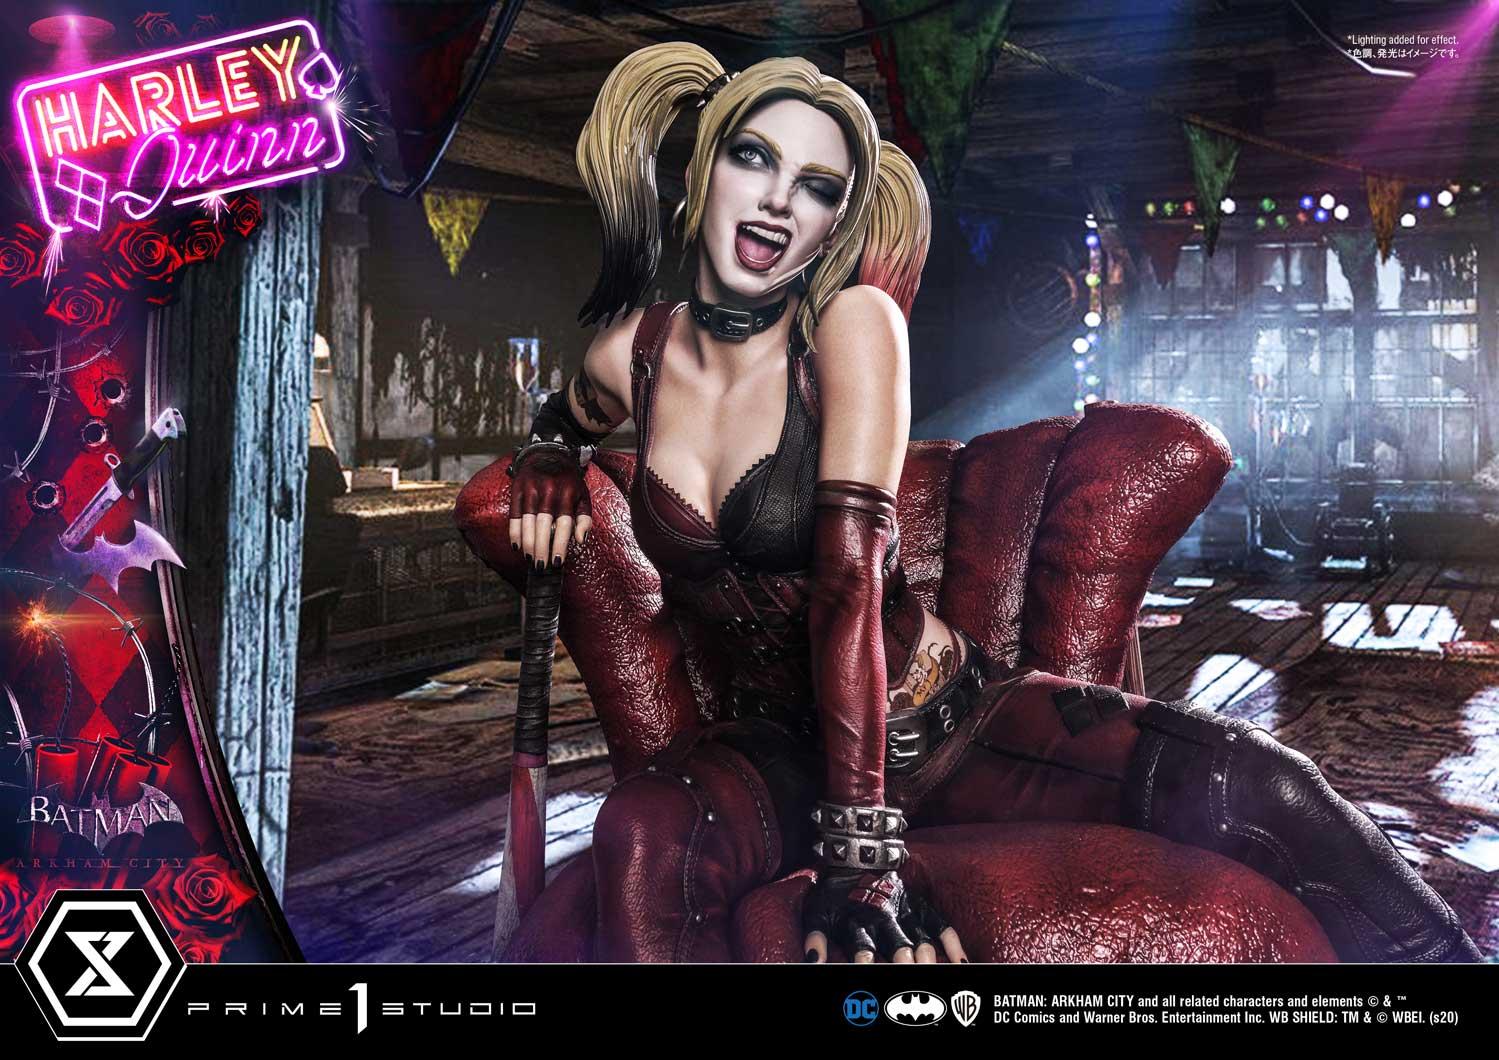 Harley Quinn Arkham City Wallpaper (67+ images)